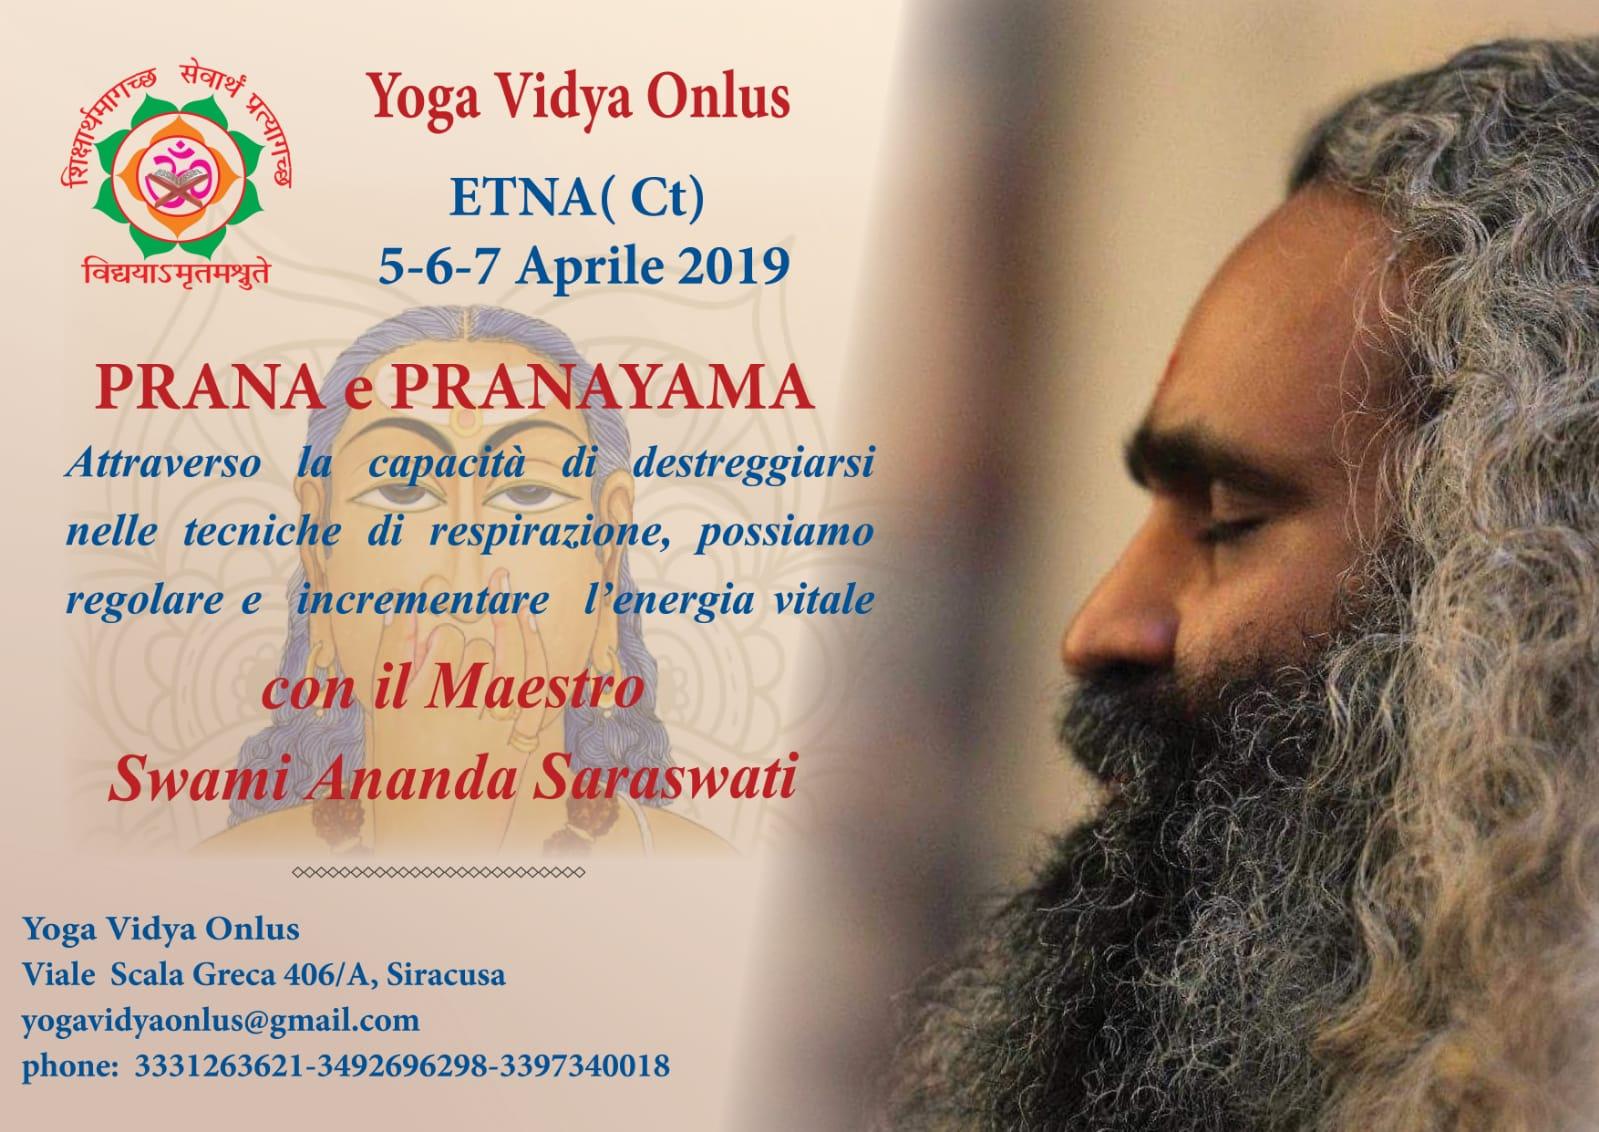 ritiro yoga sull'etna